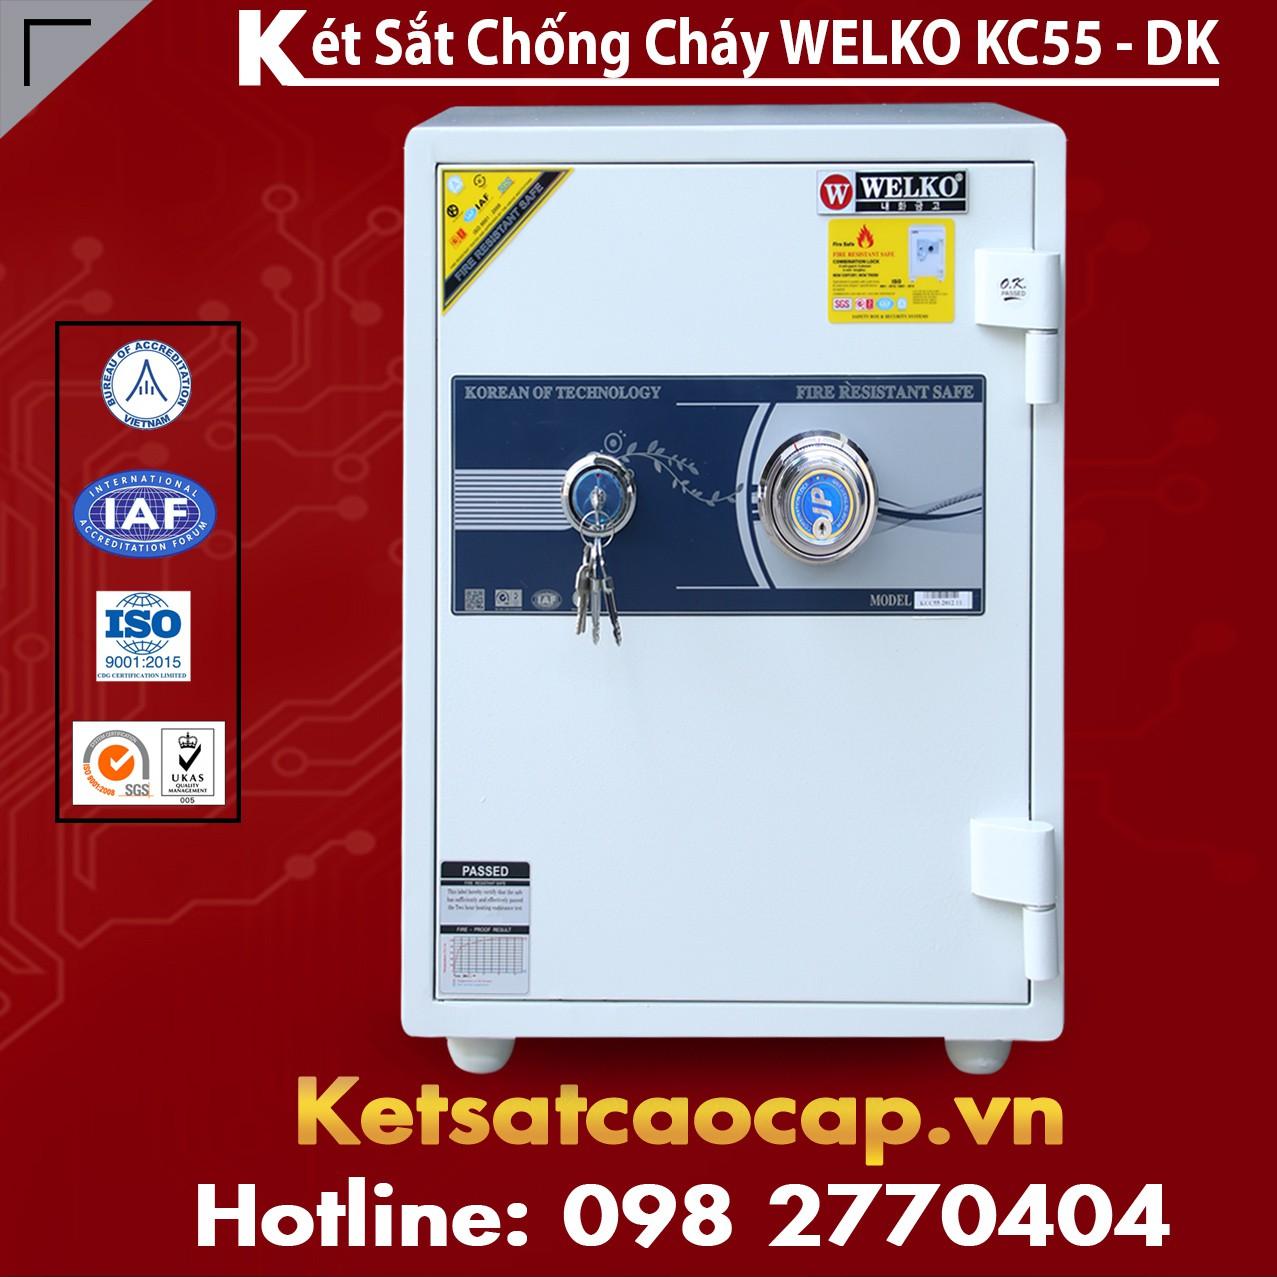 Két Sắt Sài Gòn KCC55 - DK